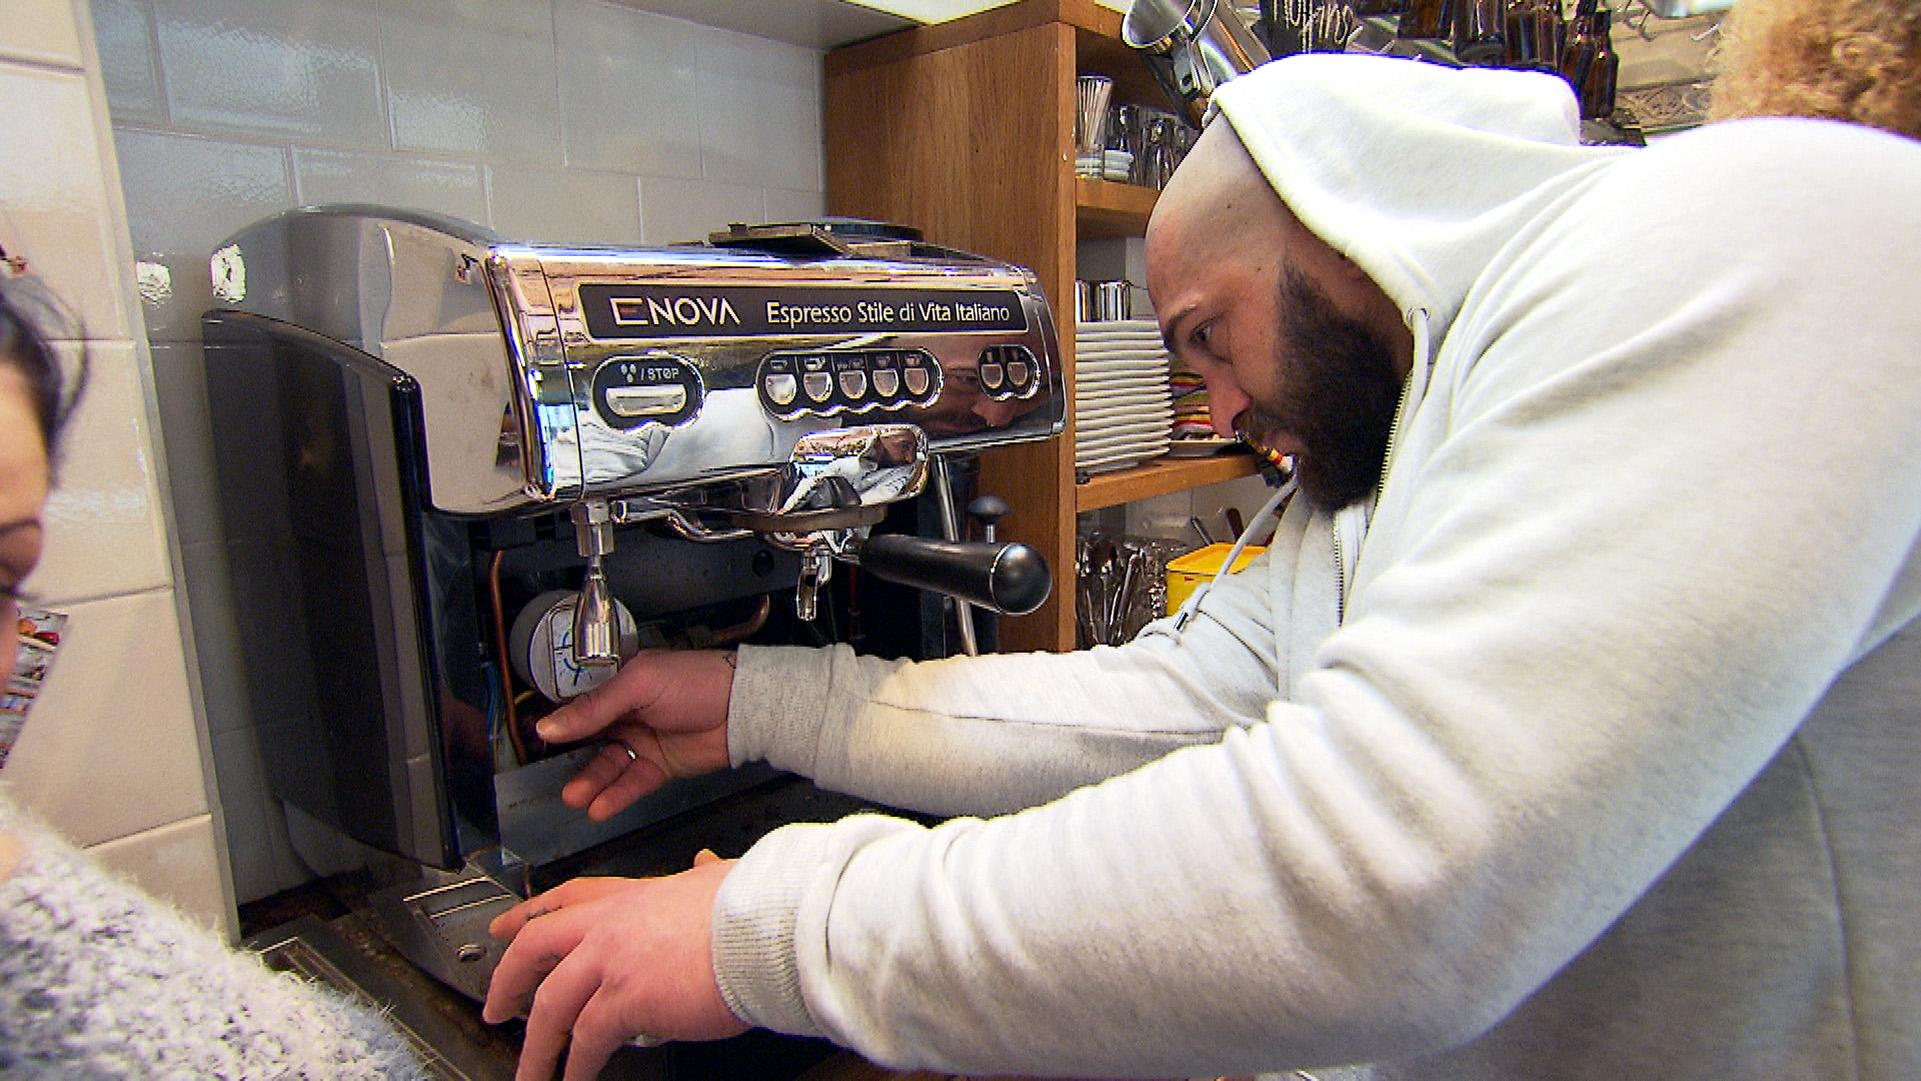 Bruno versucht die kaputte Kaffeemaschine zu reparieren... (Quelle: RTL 2)